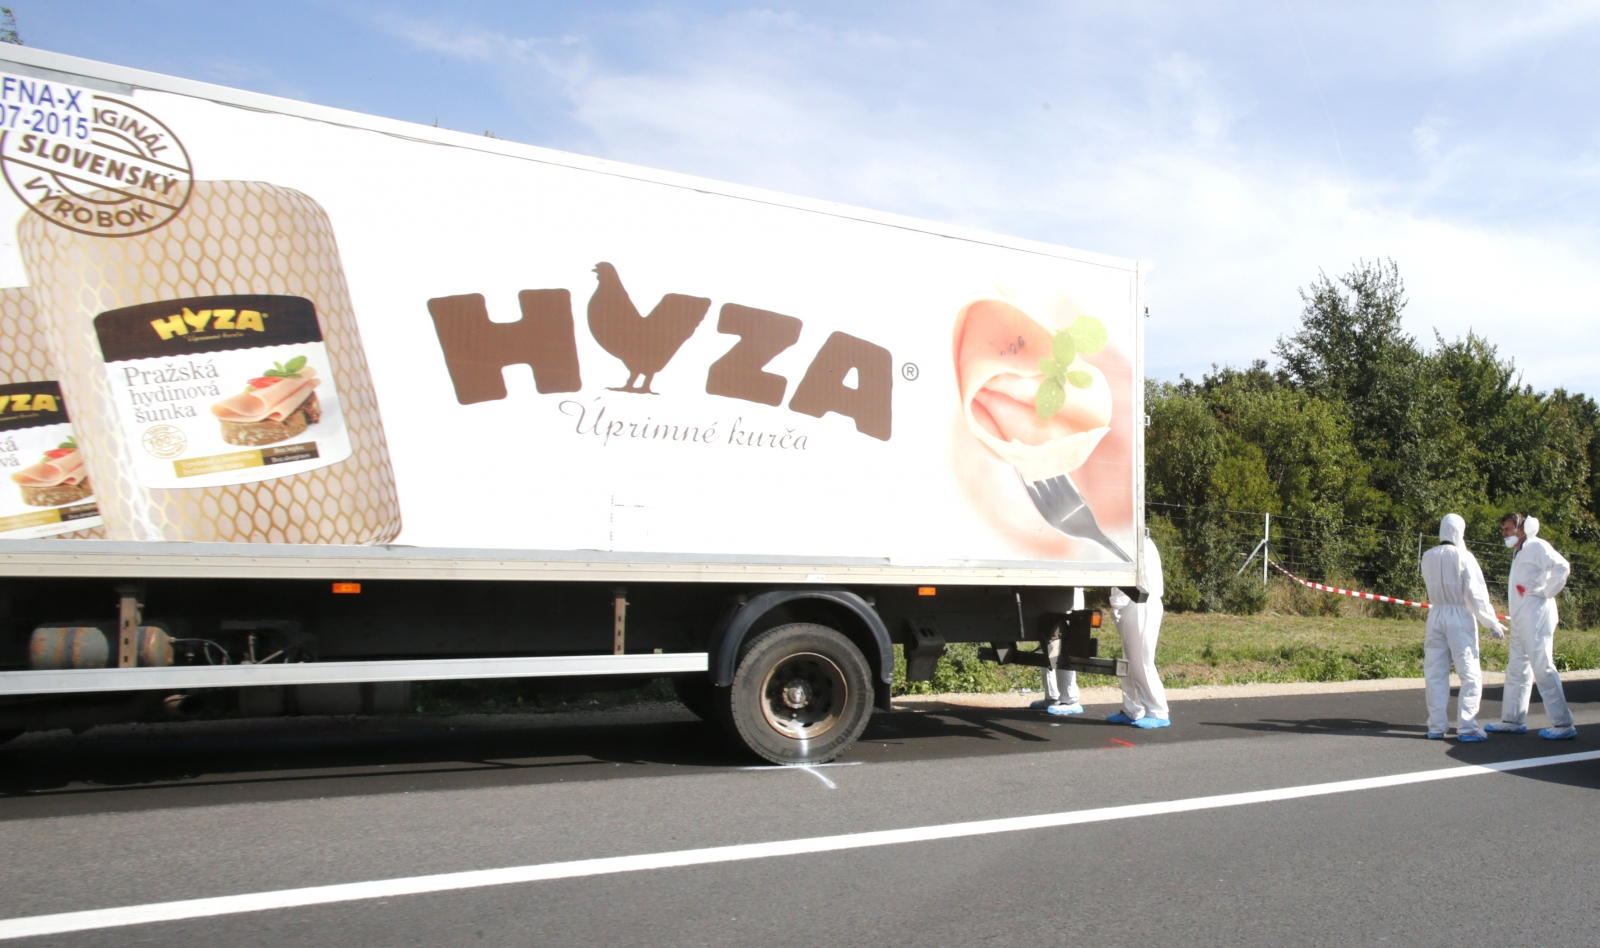 50 migrants dead Austria truck